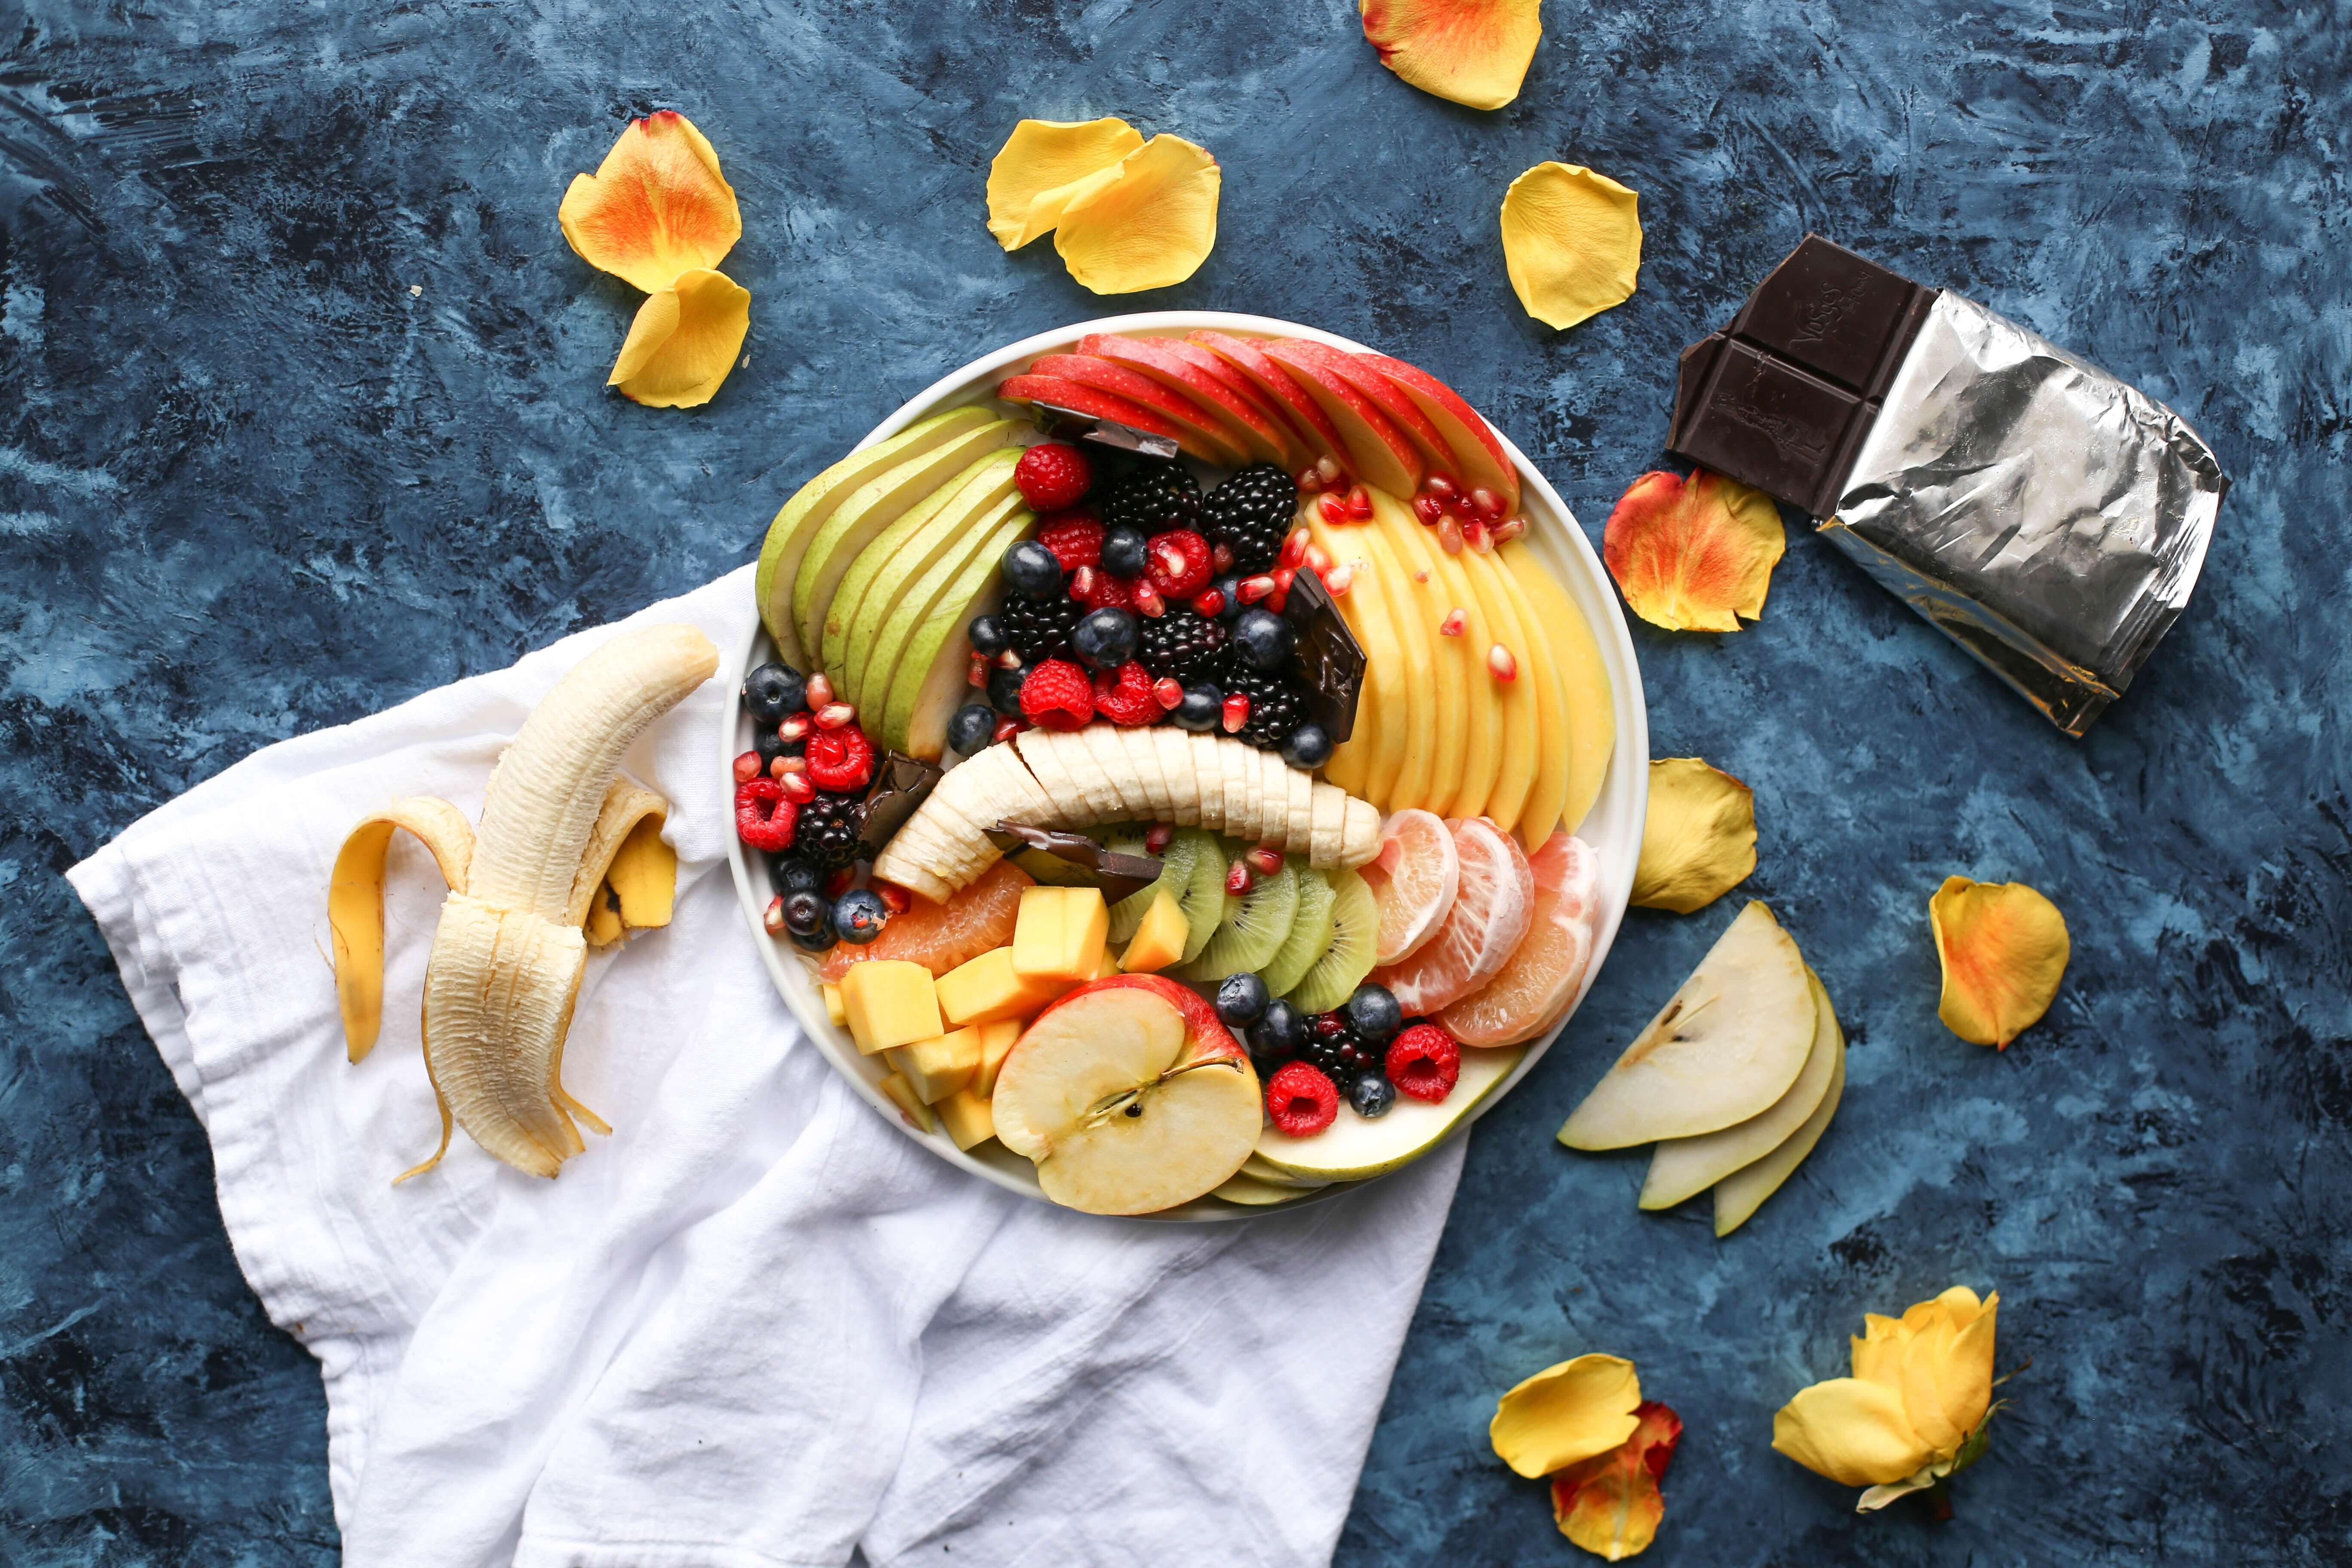 секреты красоты и молодости: употребляйте много продуктов, которые содержат антиокисданты